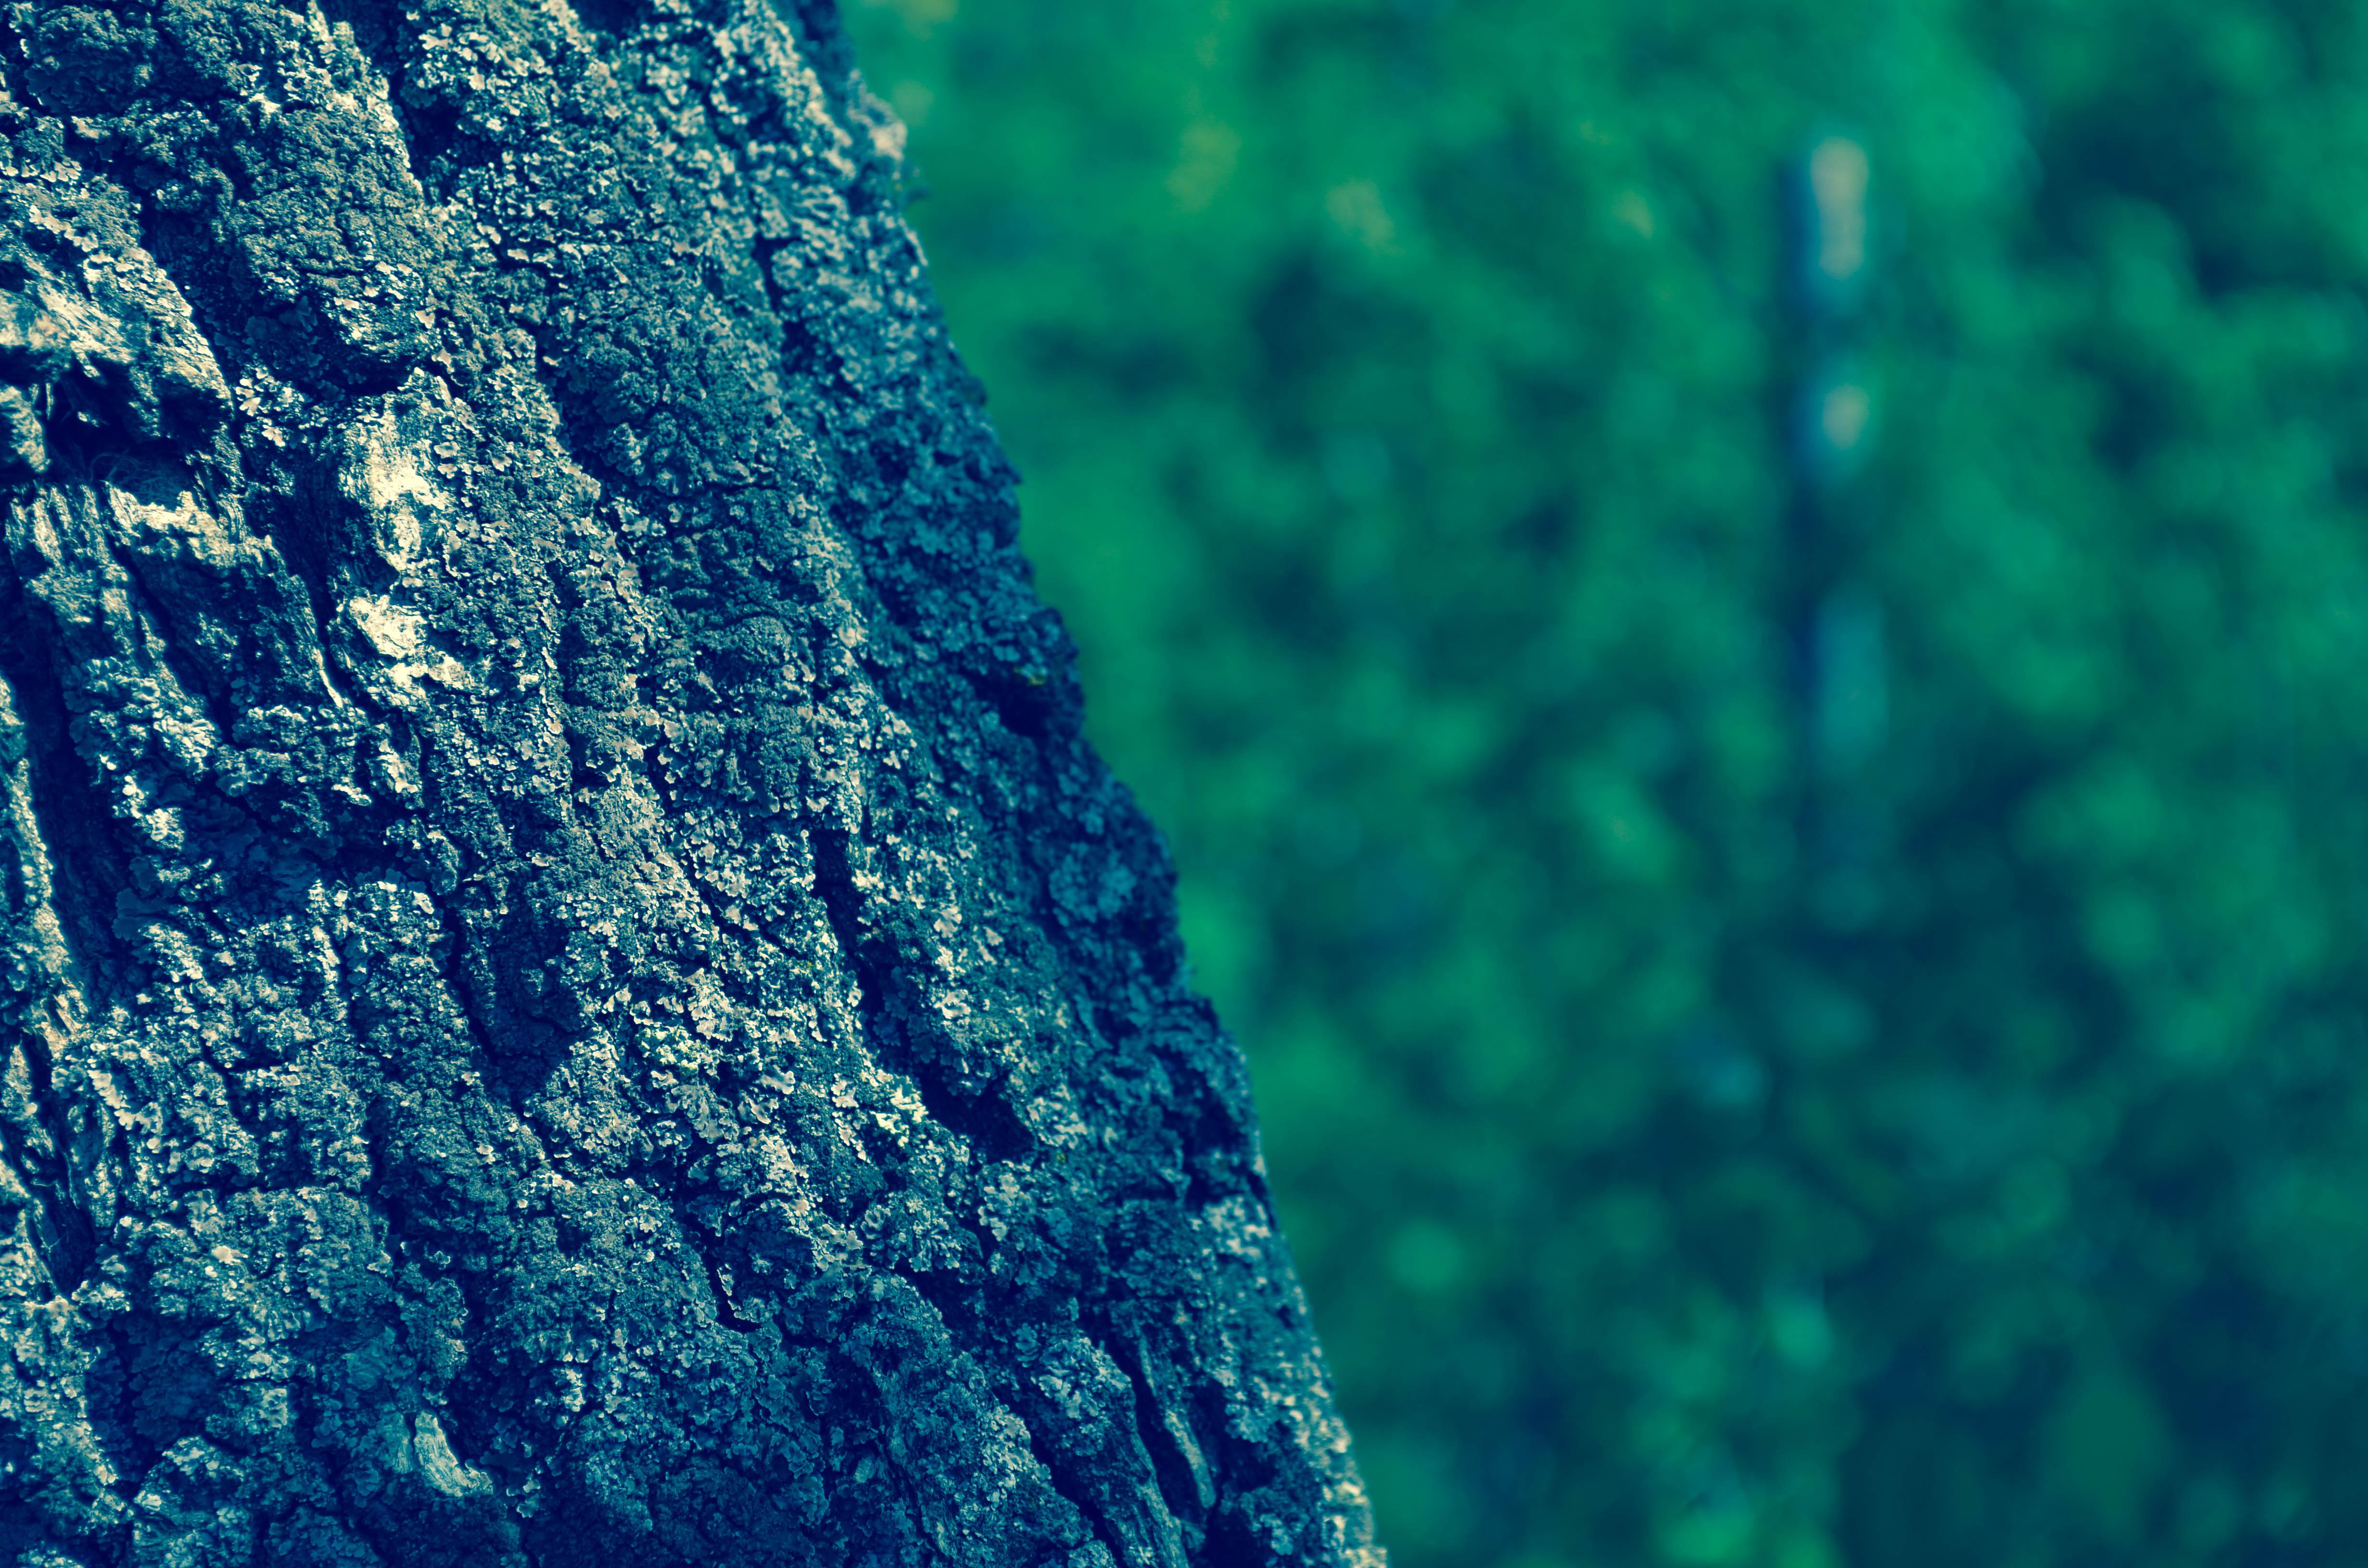 Blur Picsart Coolest Hd Backgrounds Www Picsbud Com